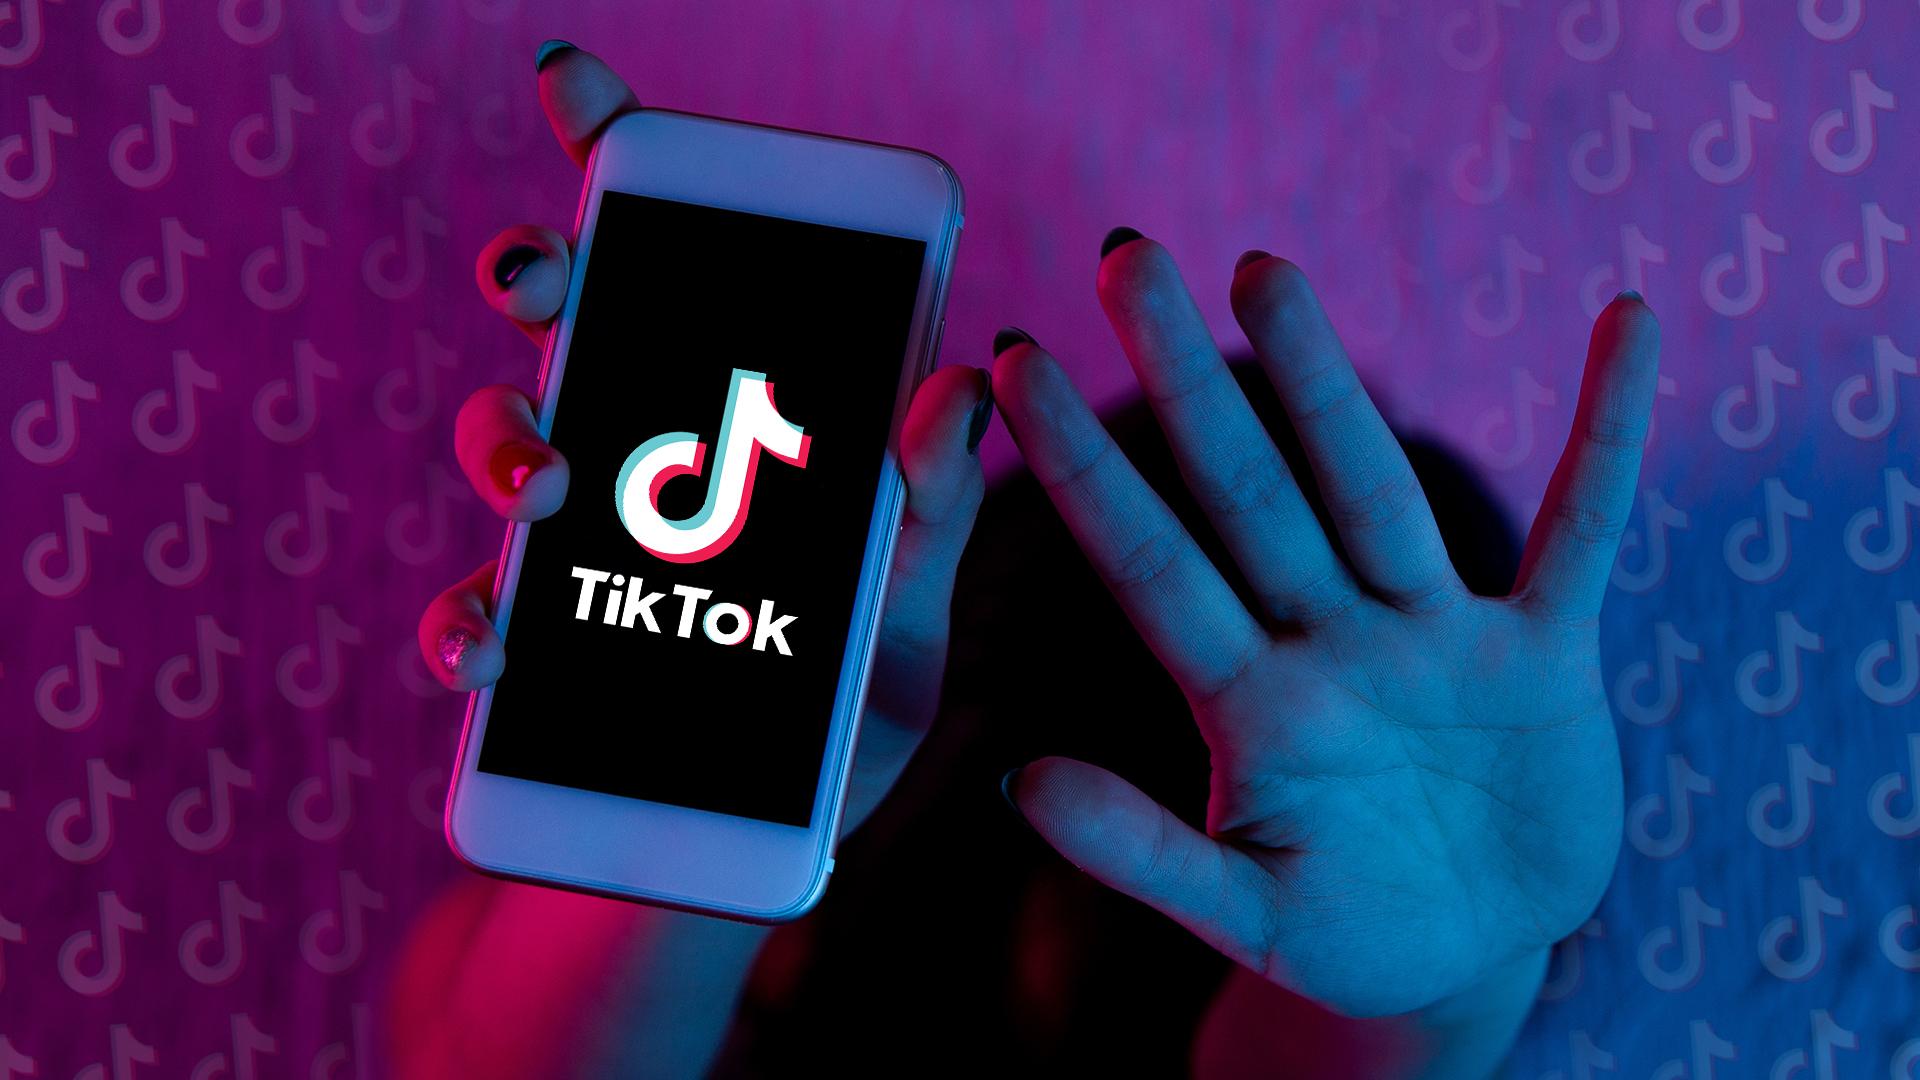 Gizlilik gözlemcisi organizasyonlardan TikTok'a suç duyurusu